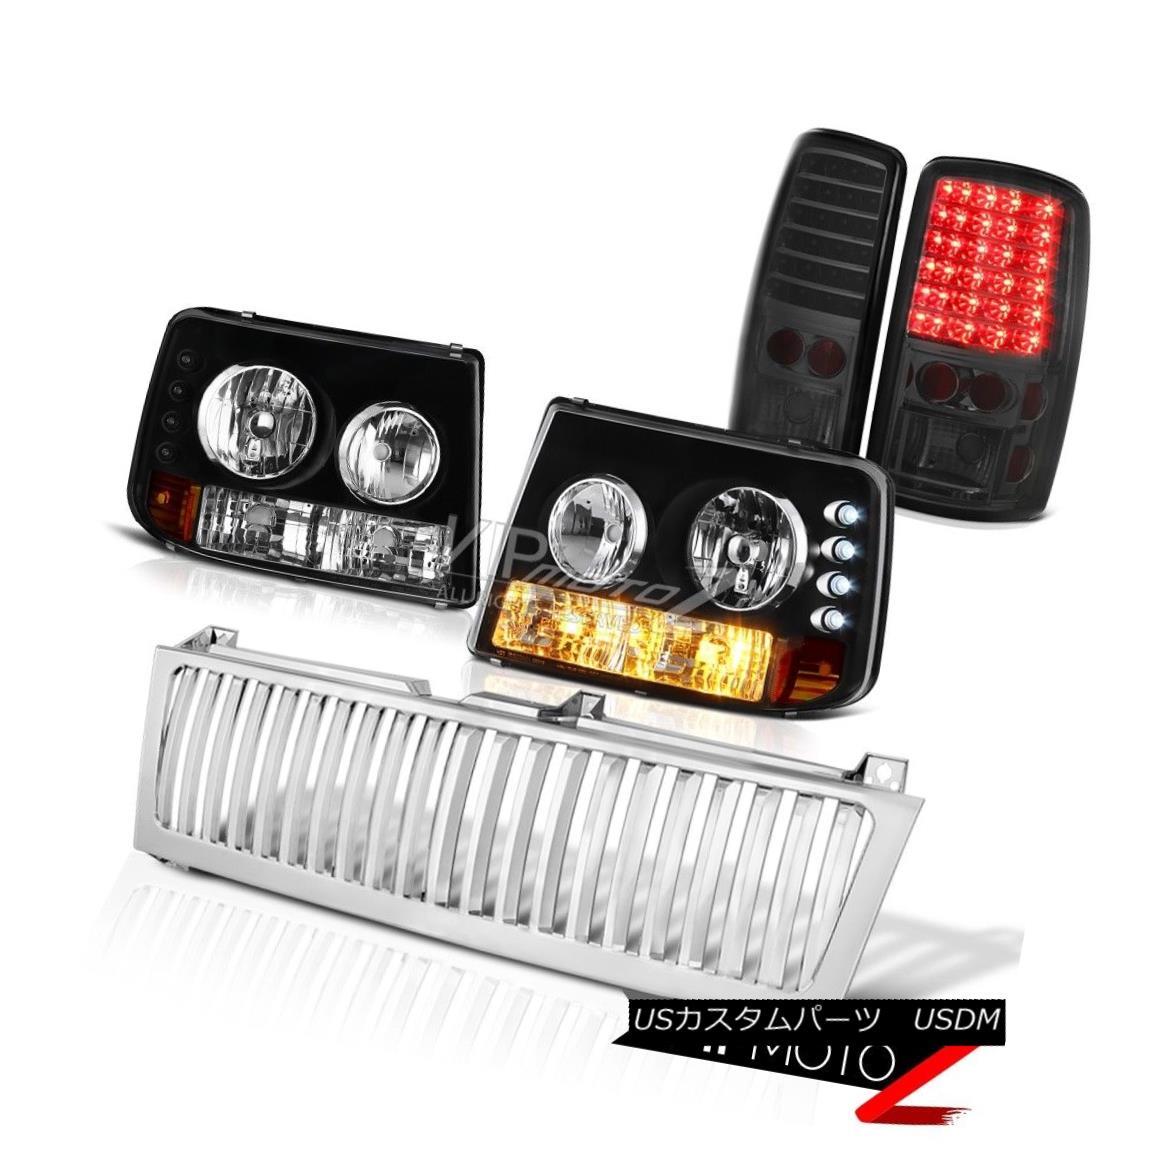 ヘッドライト Bumper Headlight LED Tail Light Chrome Grille 00 01 02 03 04 05 06 Suburban 8.1L バンパーヘッドライトLEDテールライトクロームグリル00 01 02 03 04 05 06郊外8.1L